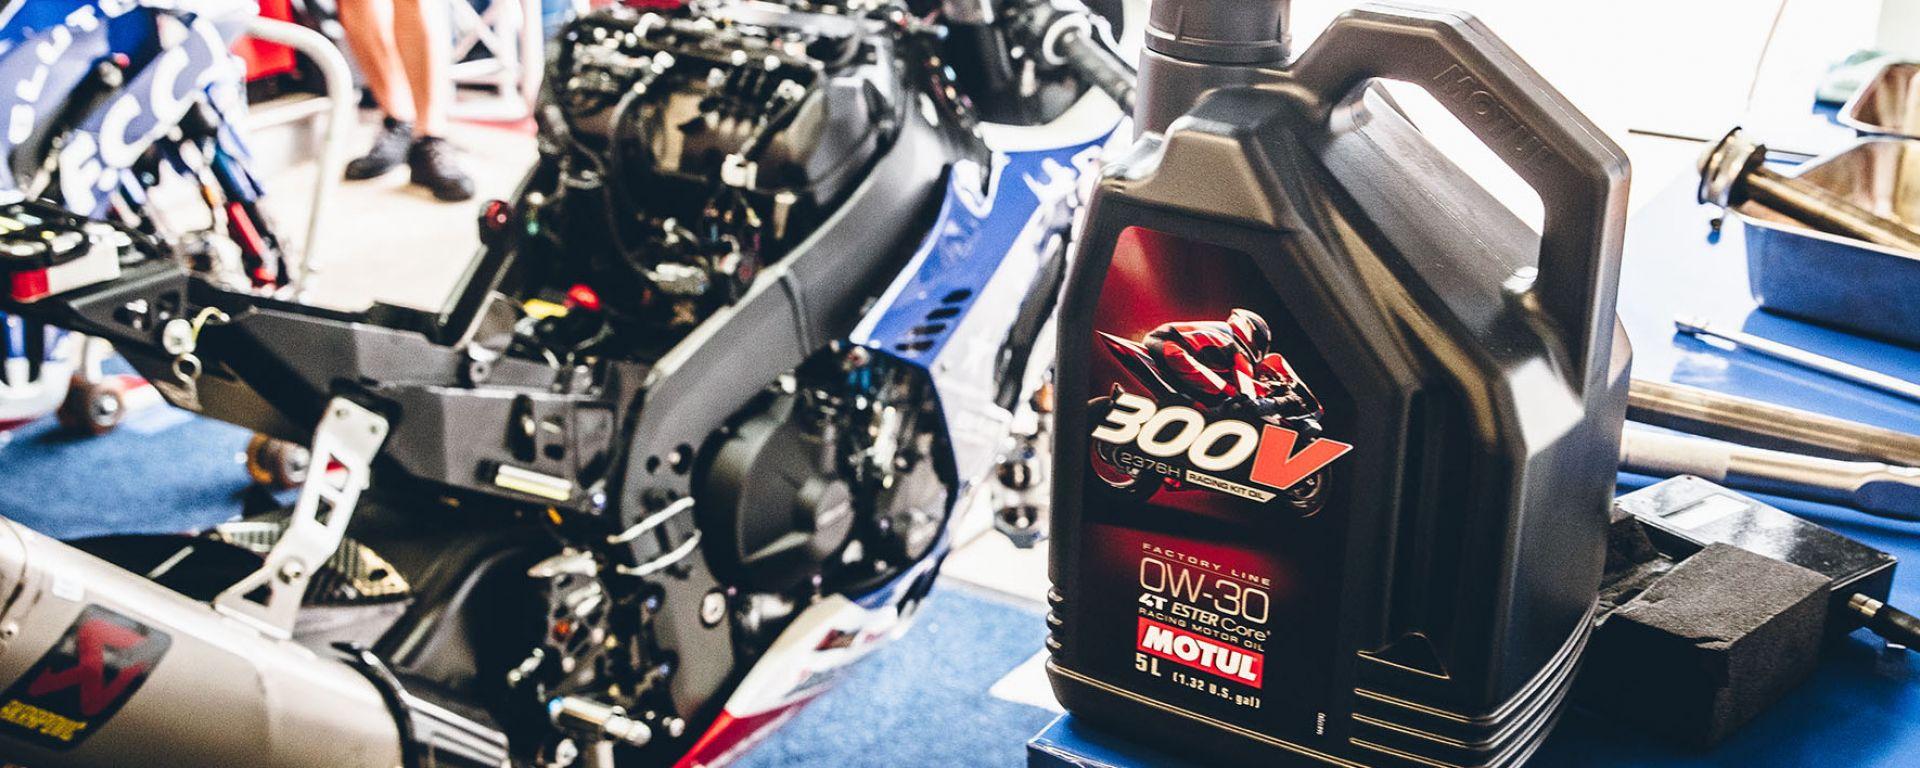 Motul 300V, l'olio motore racing per Honda CBR1000RR-R Fireblade